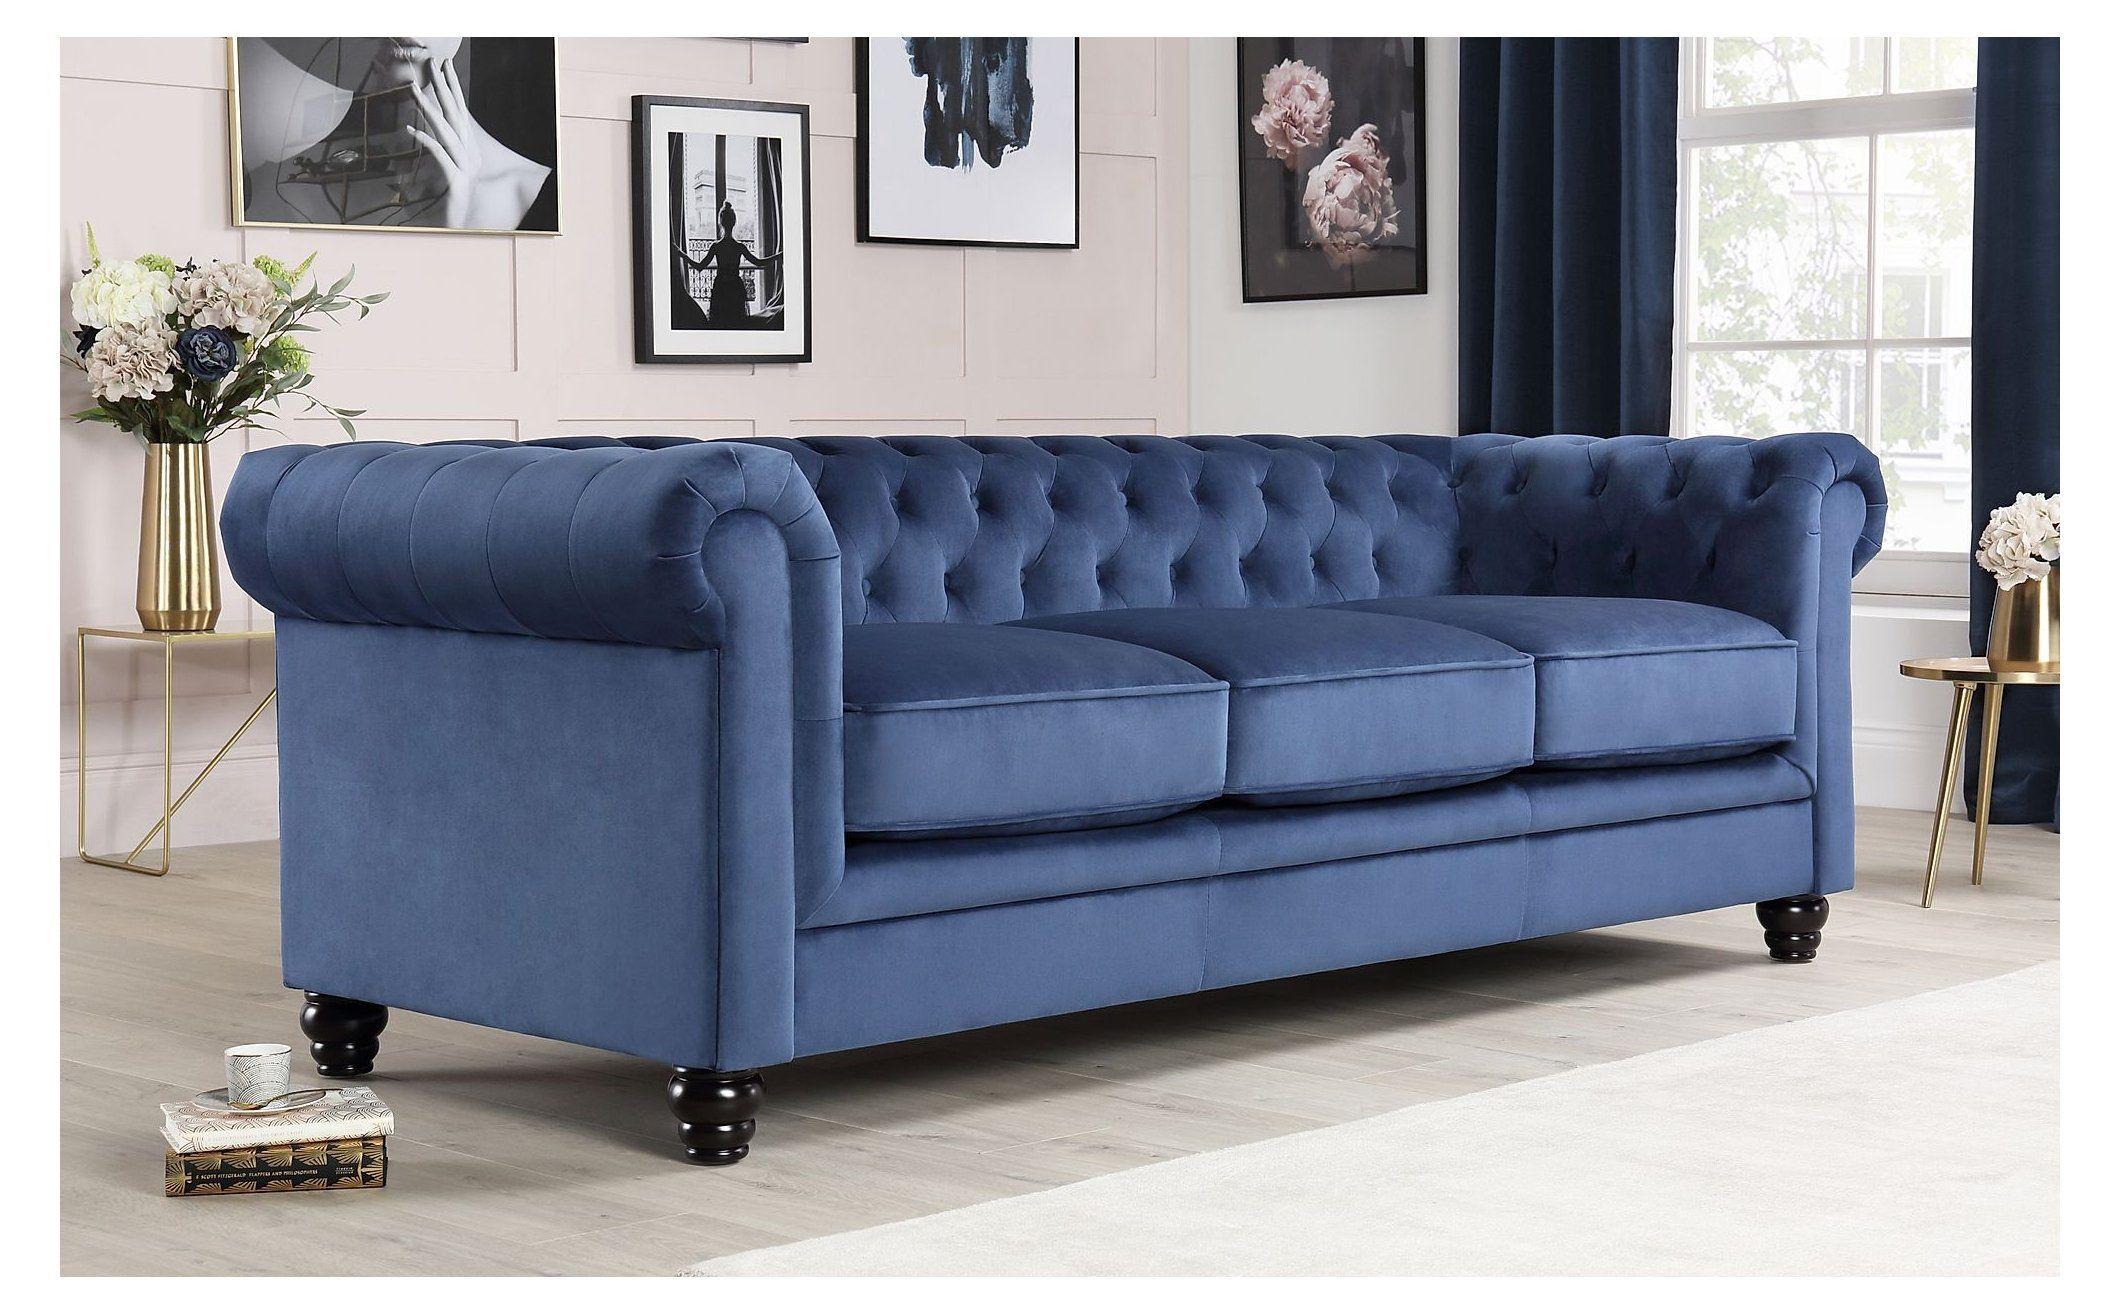 Hampton Blue Velvet 3 Seater Chesterfield Sofa Furniture Choice Blue Velvet Duvet Hampton Blue Velvet Chesterfield Sofa Living Room Chesterfield Sofa Sofa